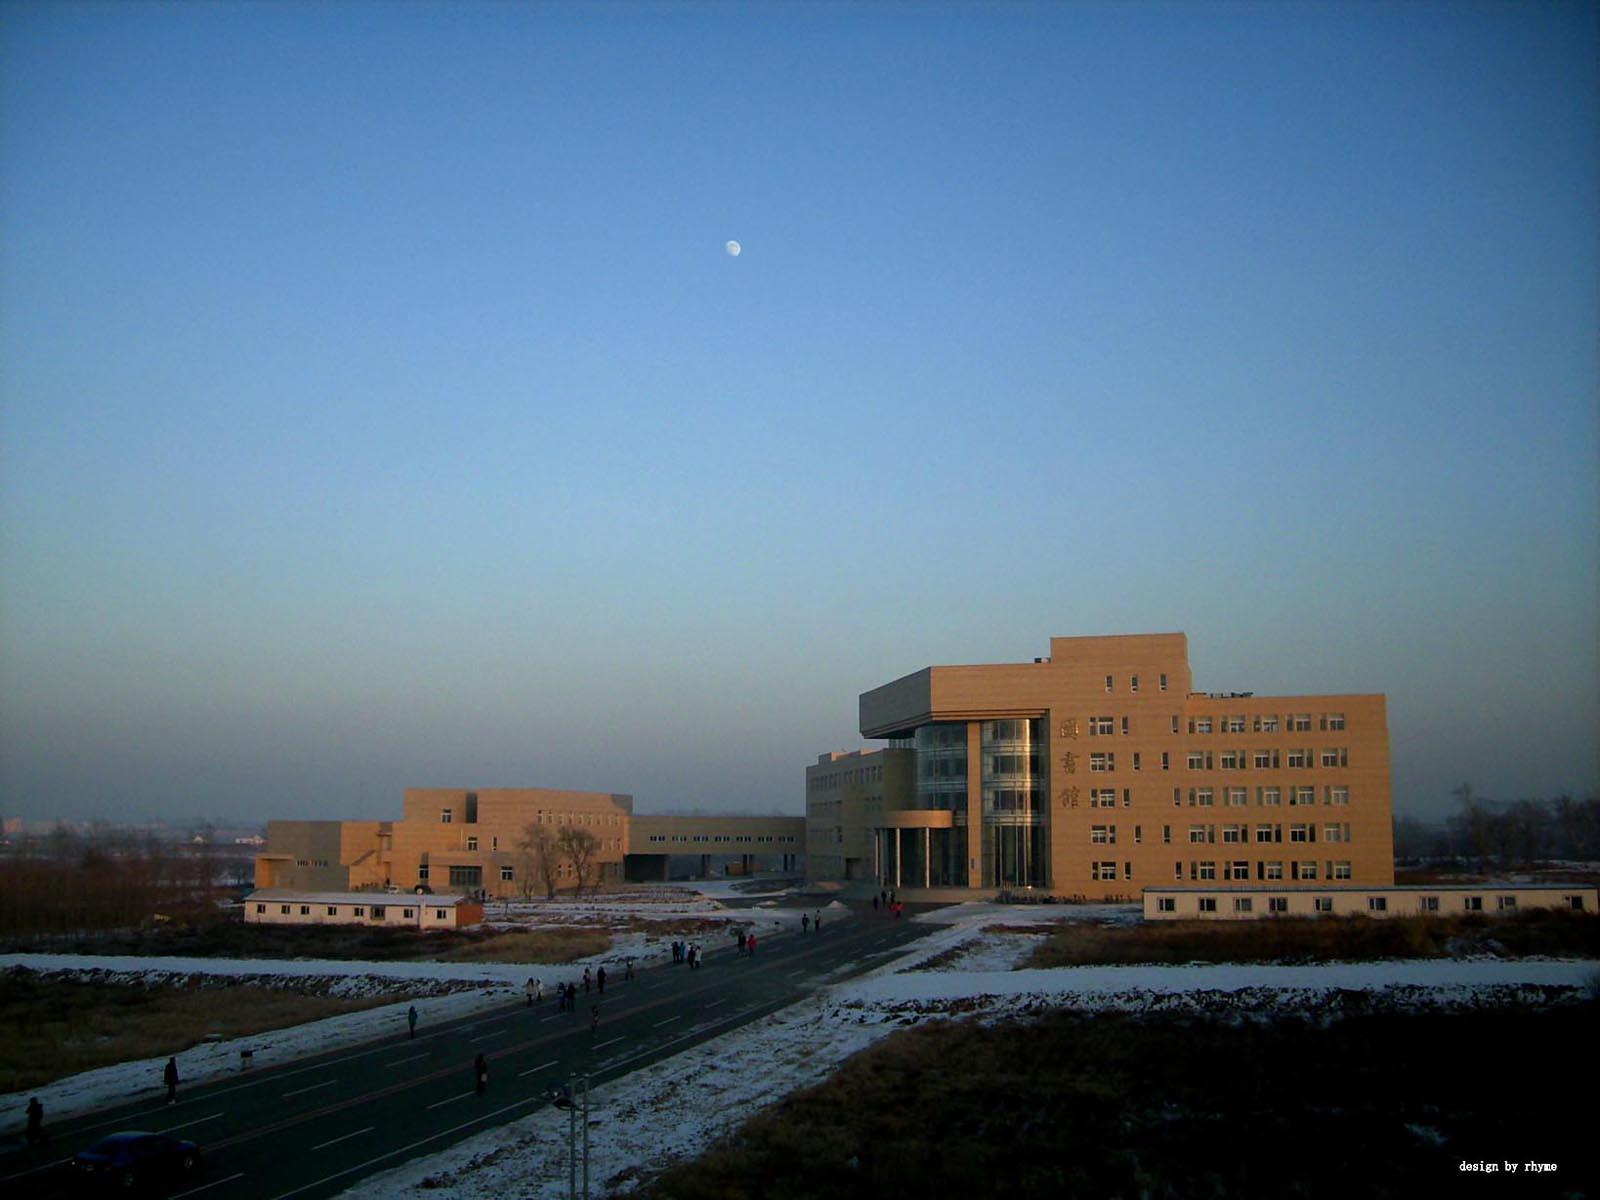 吉林农业大学校园风光 吉林农业大学校园照片 吉林农业大学校园宿舍图片